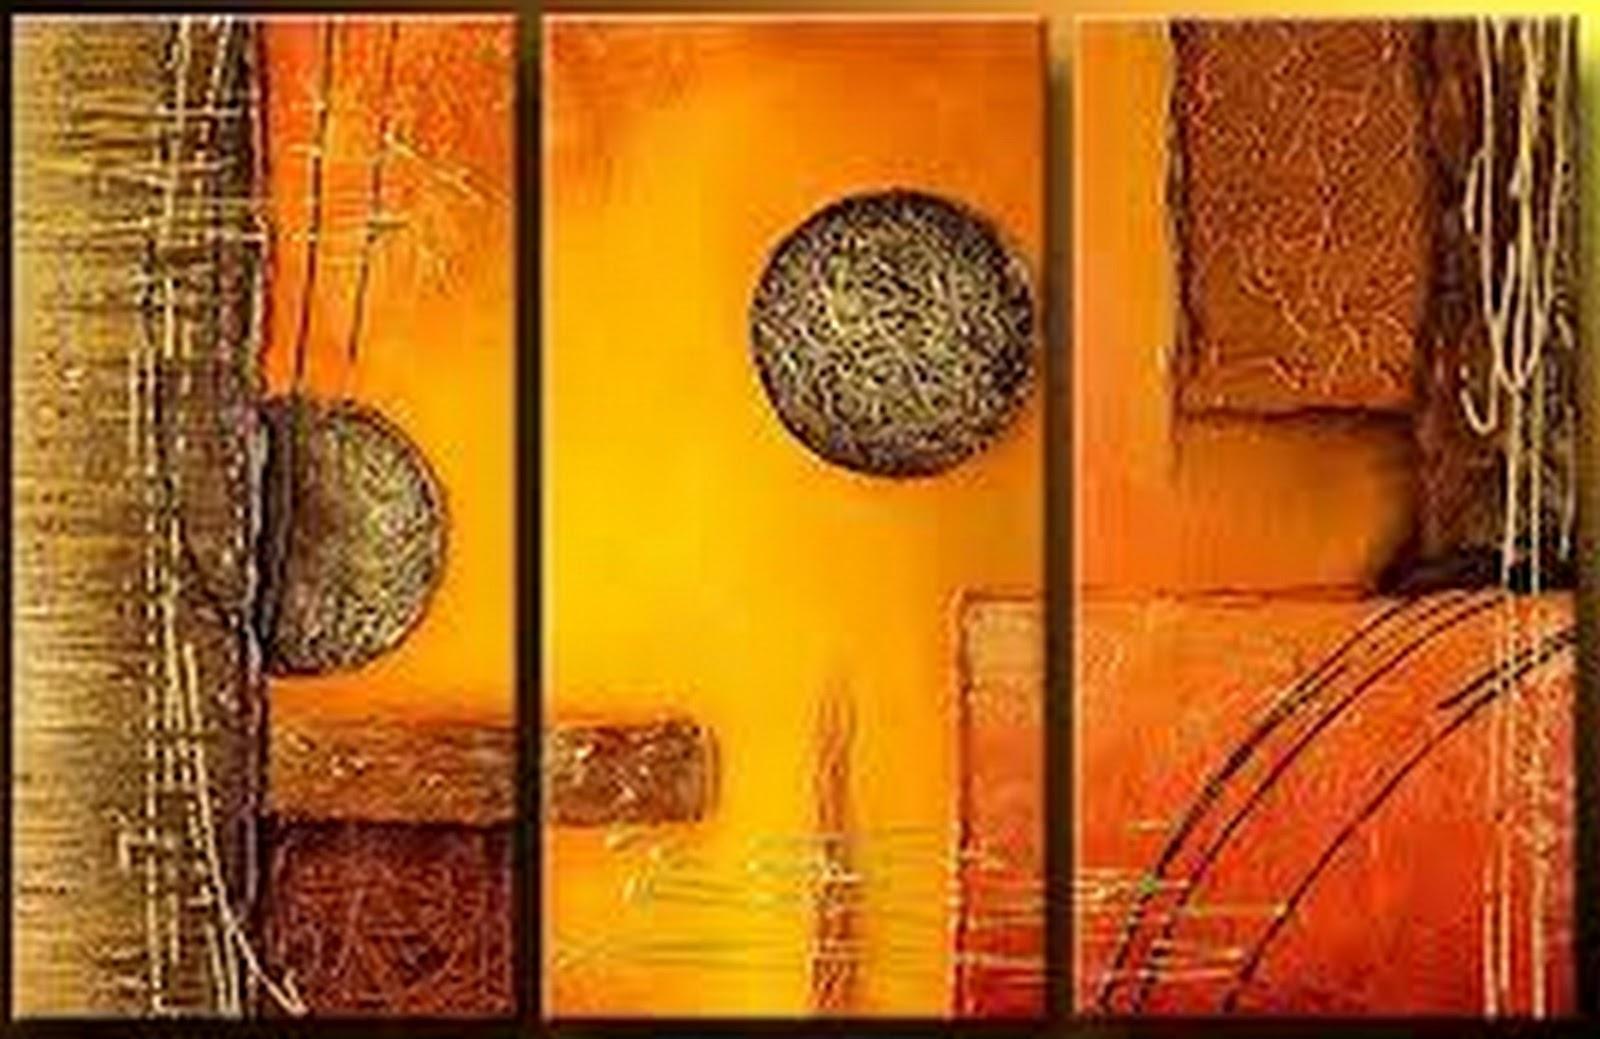 Pinturas cuadros lienzos cuadros abstractos modernos for Cuadros de oleo modernos